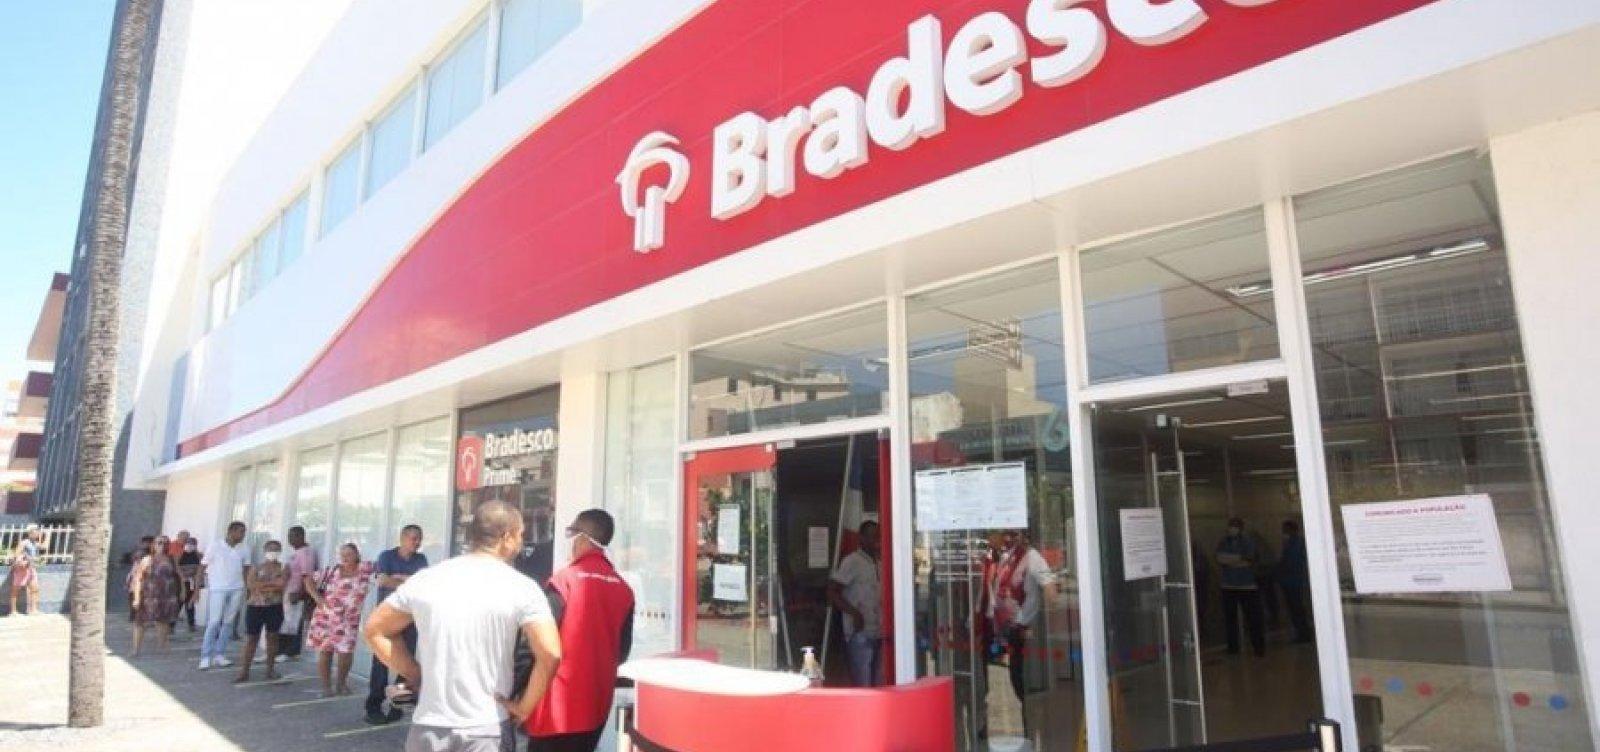 Sindicato dos Bancários da Bahia critica decisão da federação nacional de abrir bancos no feriadão